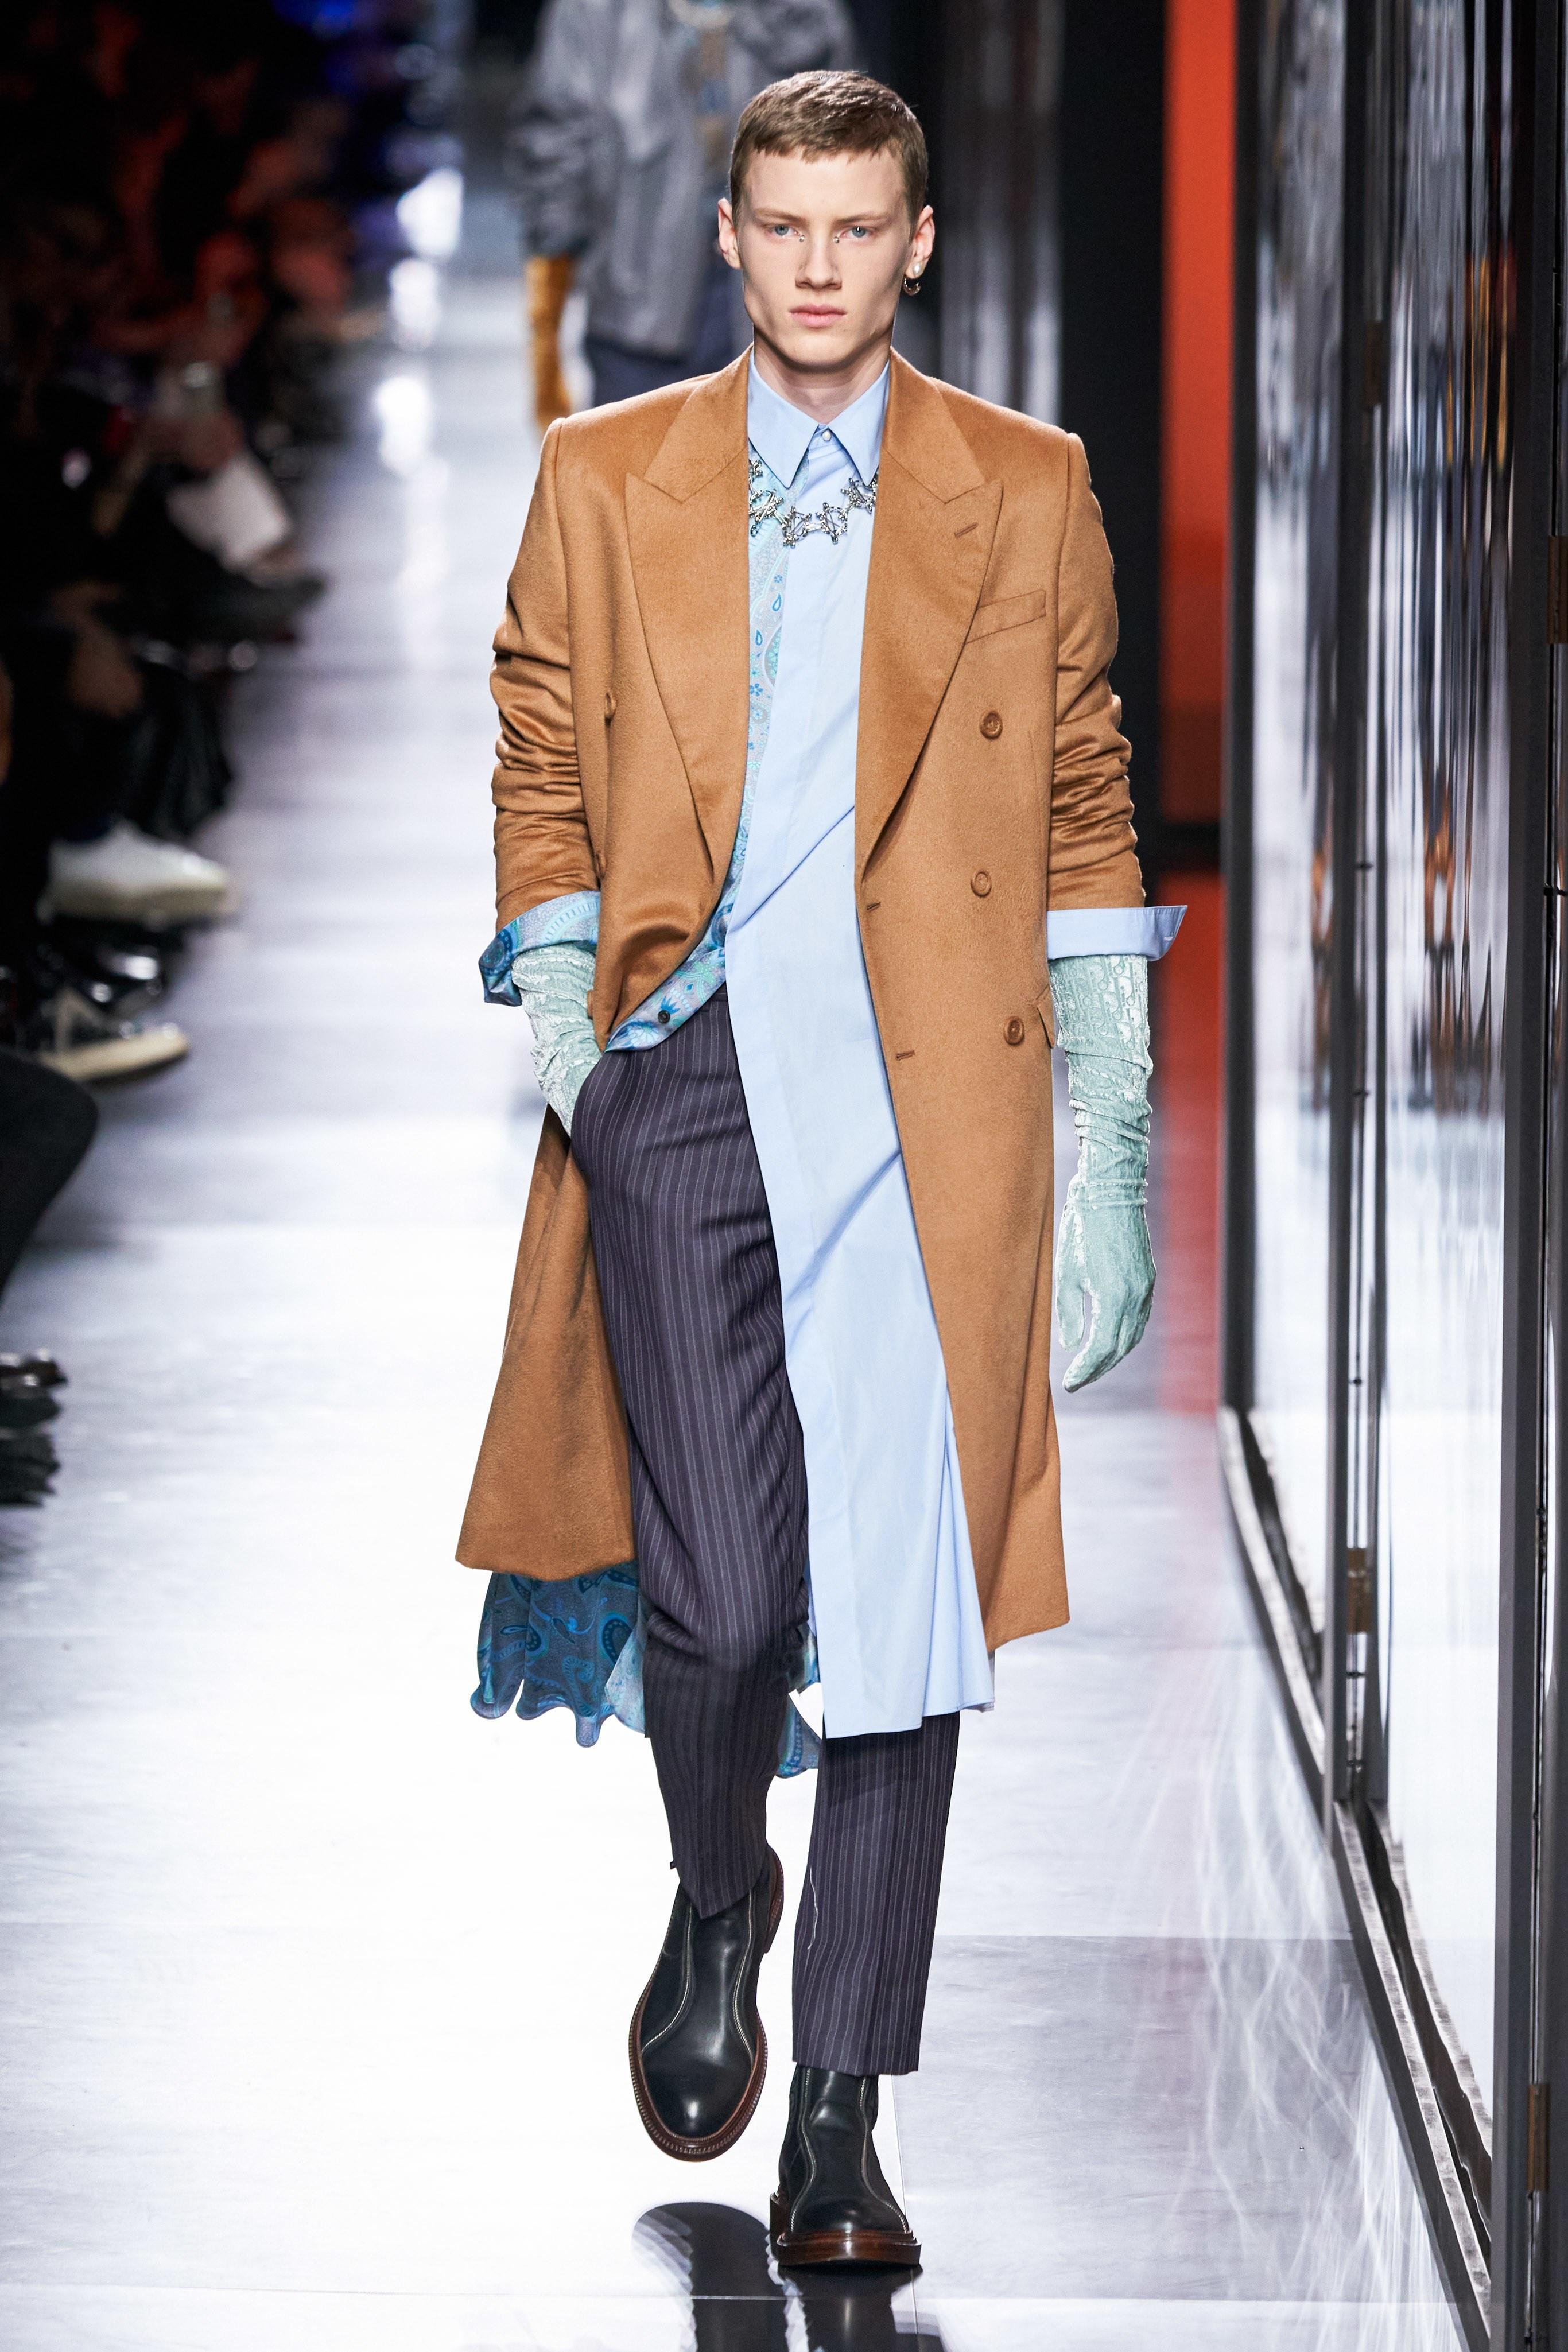 Áo khoác hoa, găng tay dài - Dior nâng thời trang nam lên tầm cao mới Ảnh 6